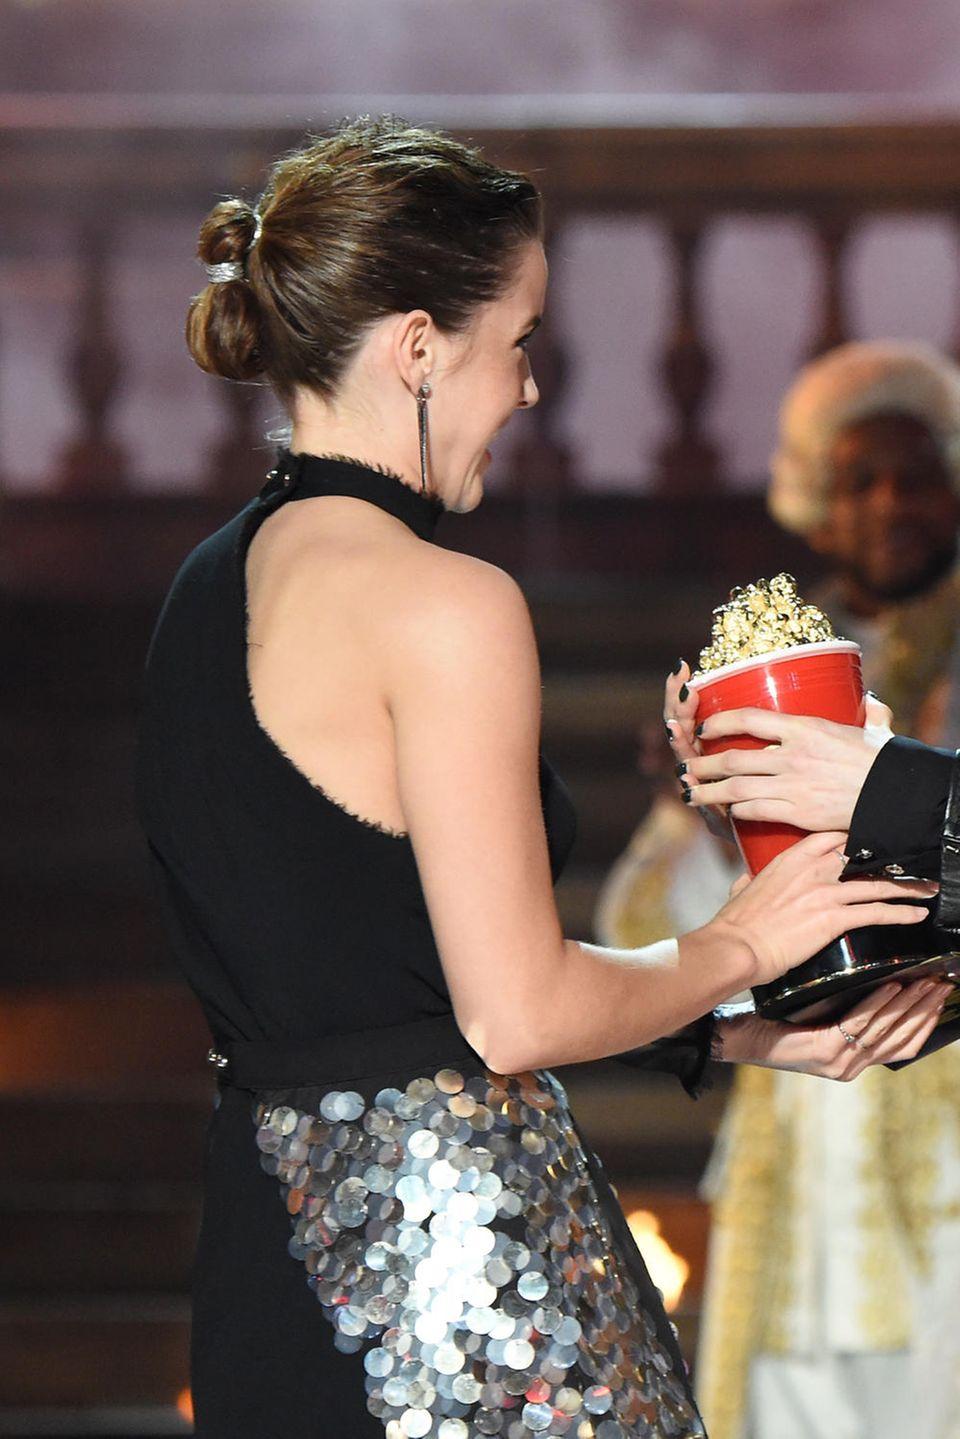 Emma Watson macht es vor: Mit einem Zopfgummi lassen sich in einem Pferdeschwanz tolle Akzente setzen.